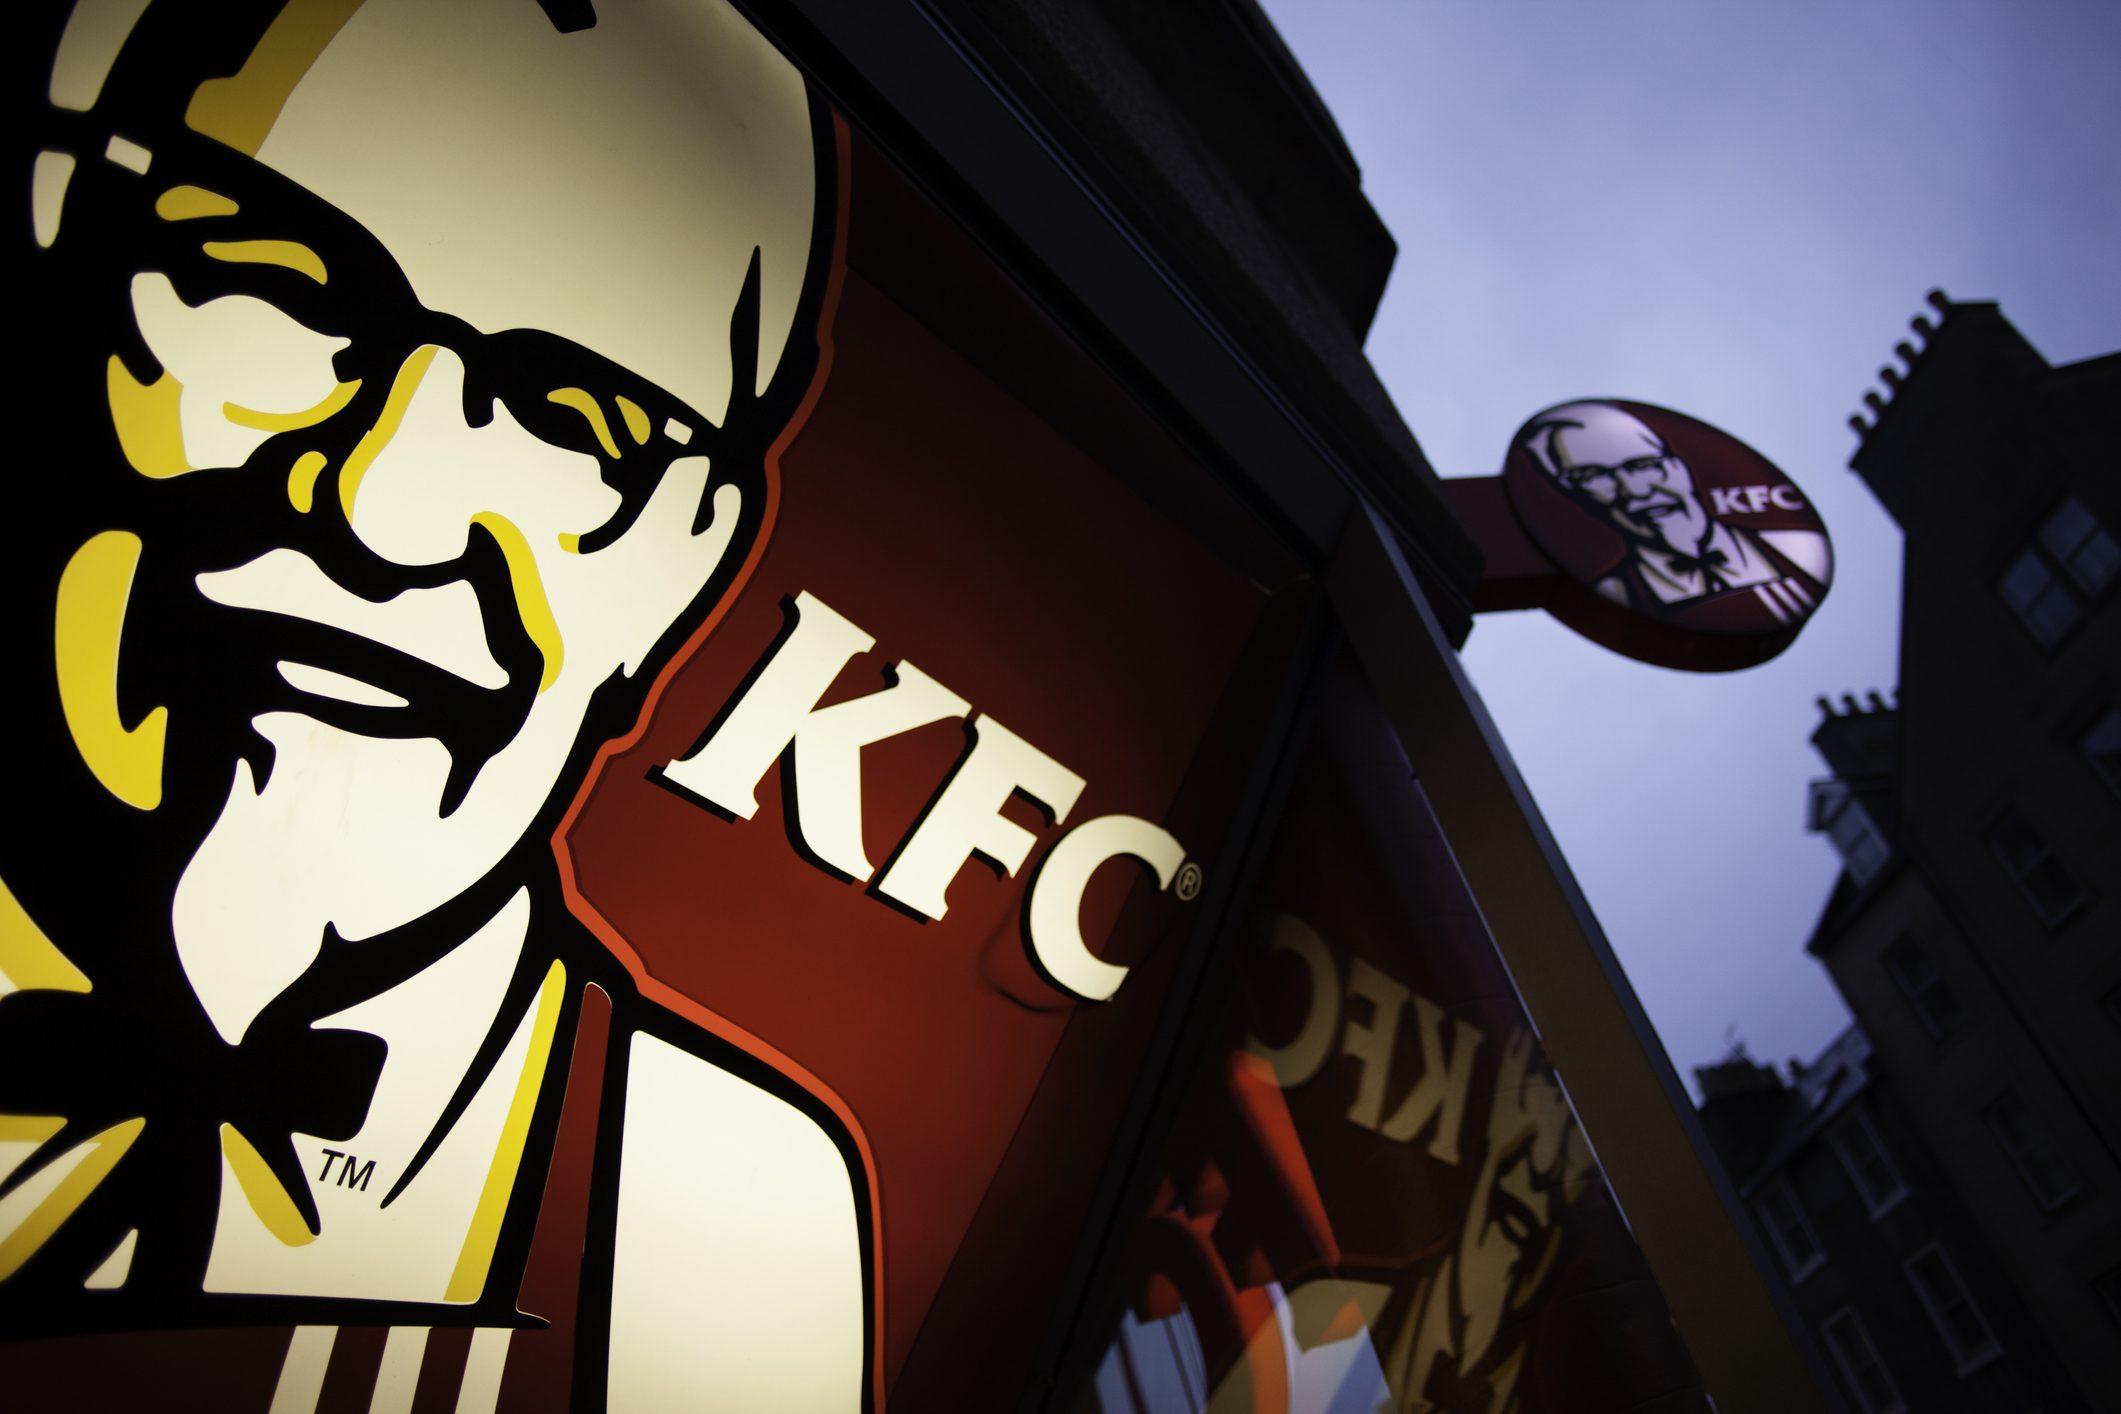 KFC servirà pollo finto: carne stampata in 3D oppure creata in laboratorio